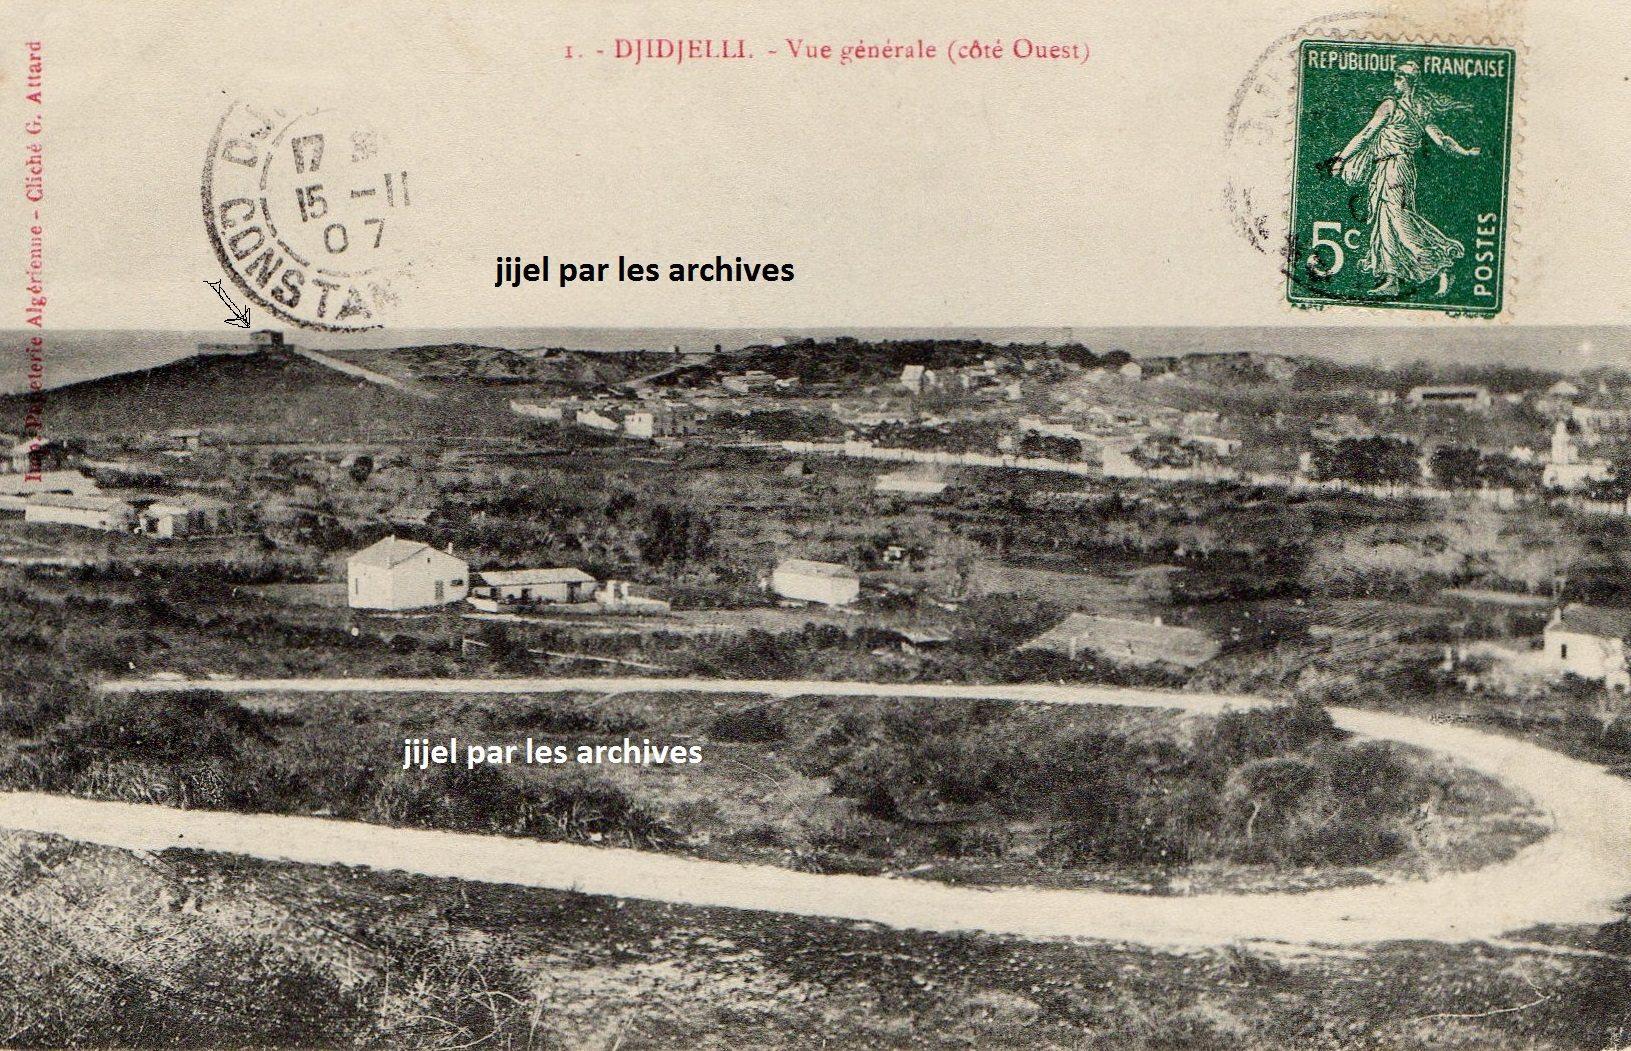 Djidjelli fin du 19éme siècle le fort saint ferdinand comme lappelaient les anciens barchetti bordj echatti actuellement appelée eqlaa